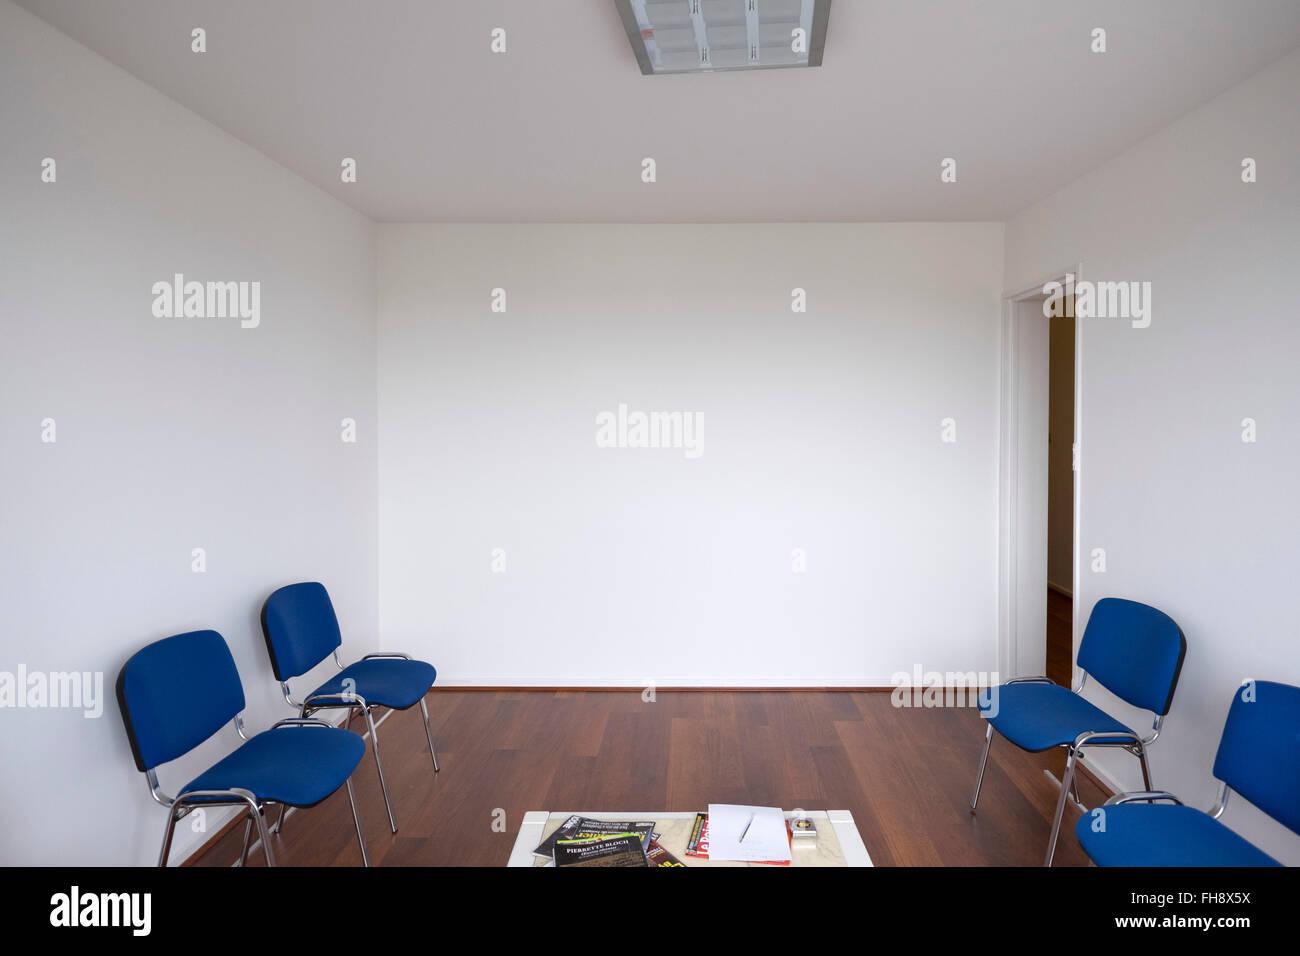 Leere Arzt-Wartezimmer mit weißen Wänden und blauen Stühlen Stockfoto